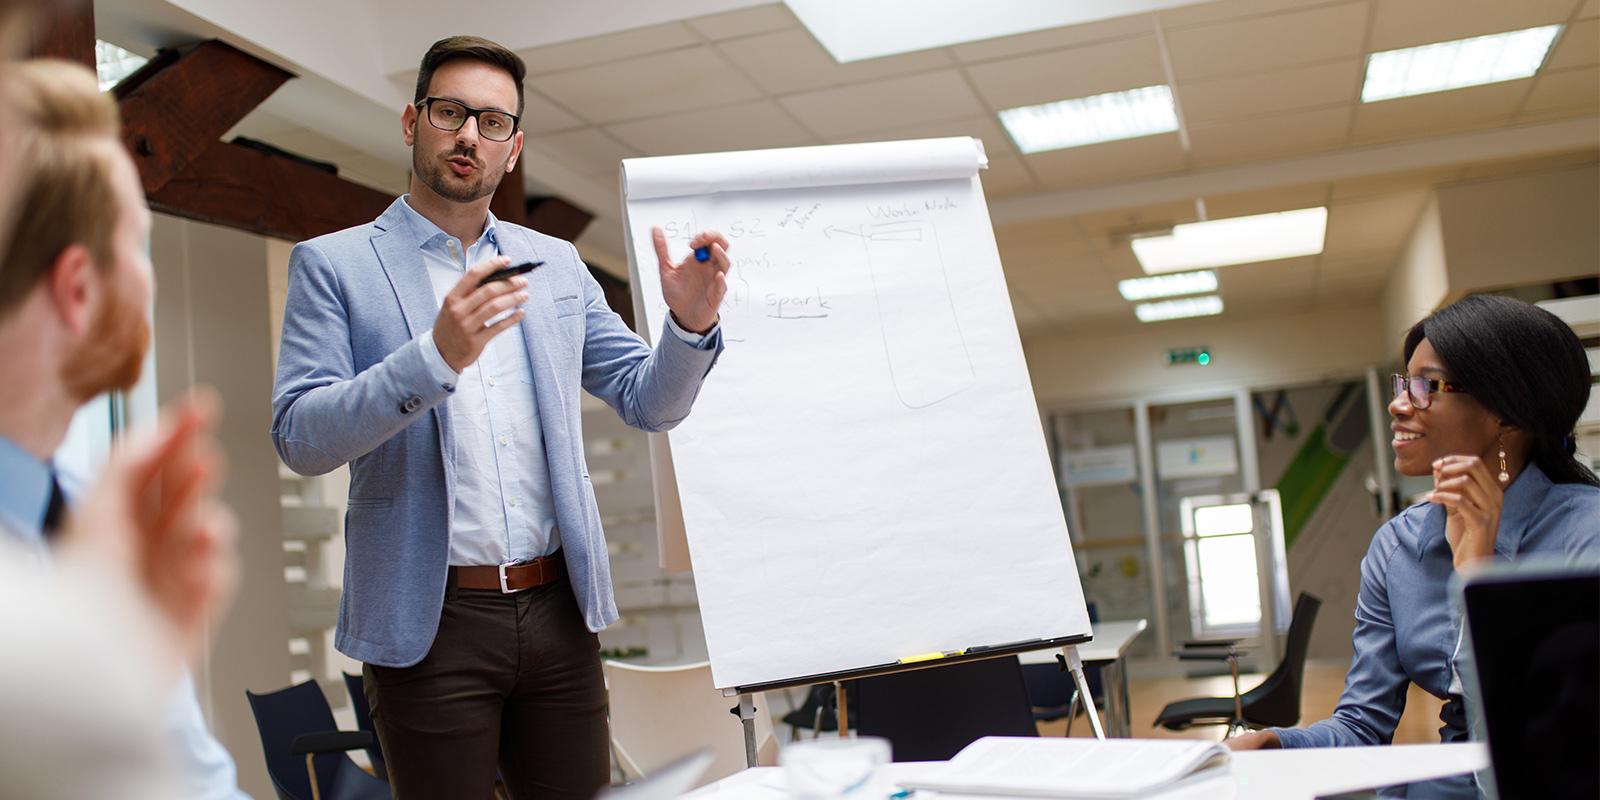 HubSpot sales tools convert leads